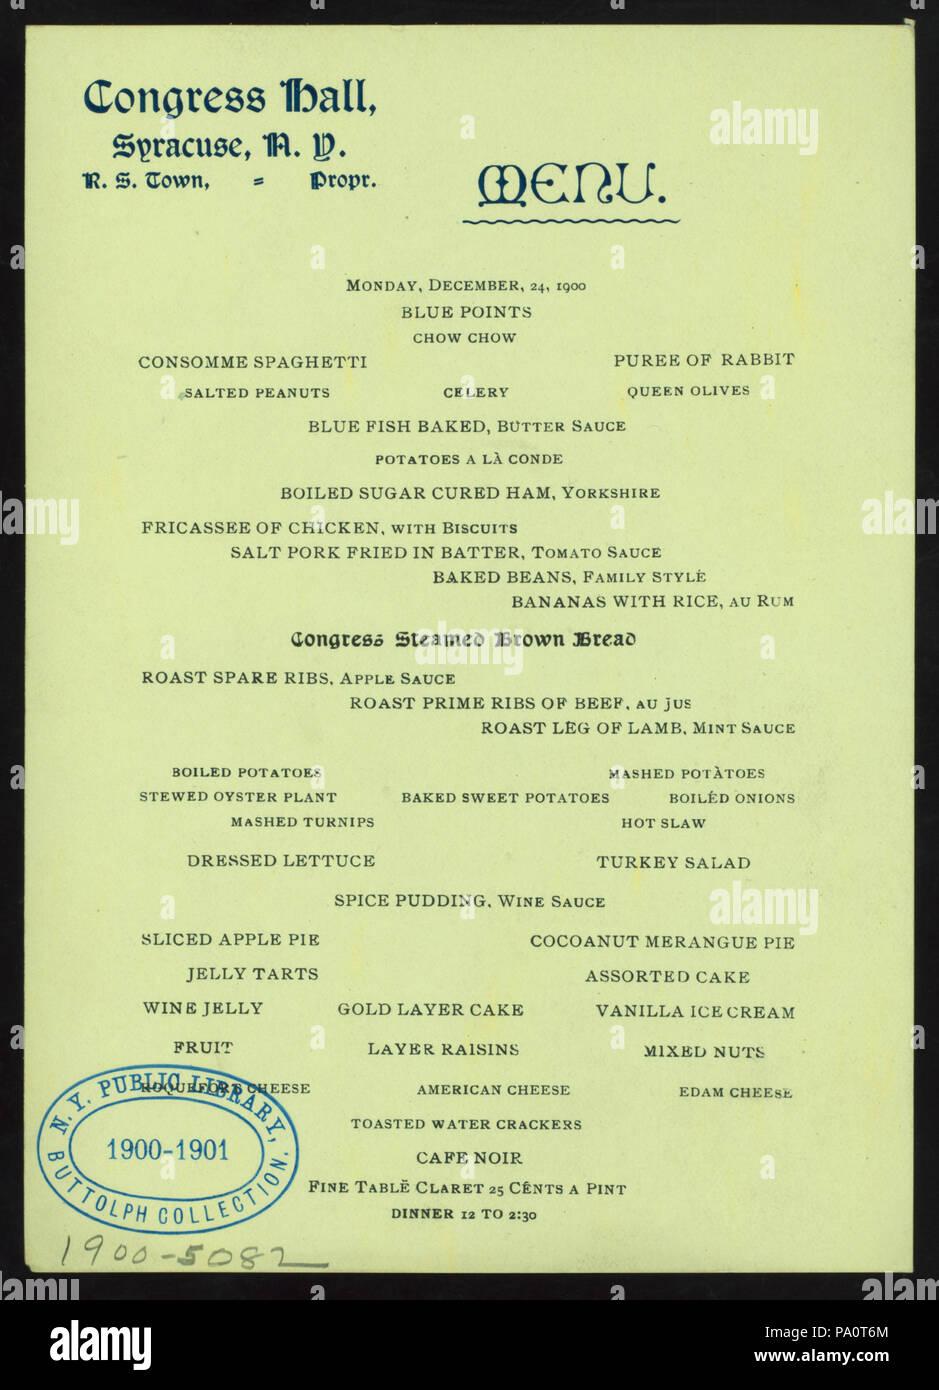 538 DINNER (held by) CONGRESS HALL (at) SYRACUSE NY (HOTEL;) (NYPL Hades-275228-4000011840) - Stock Image